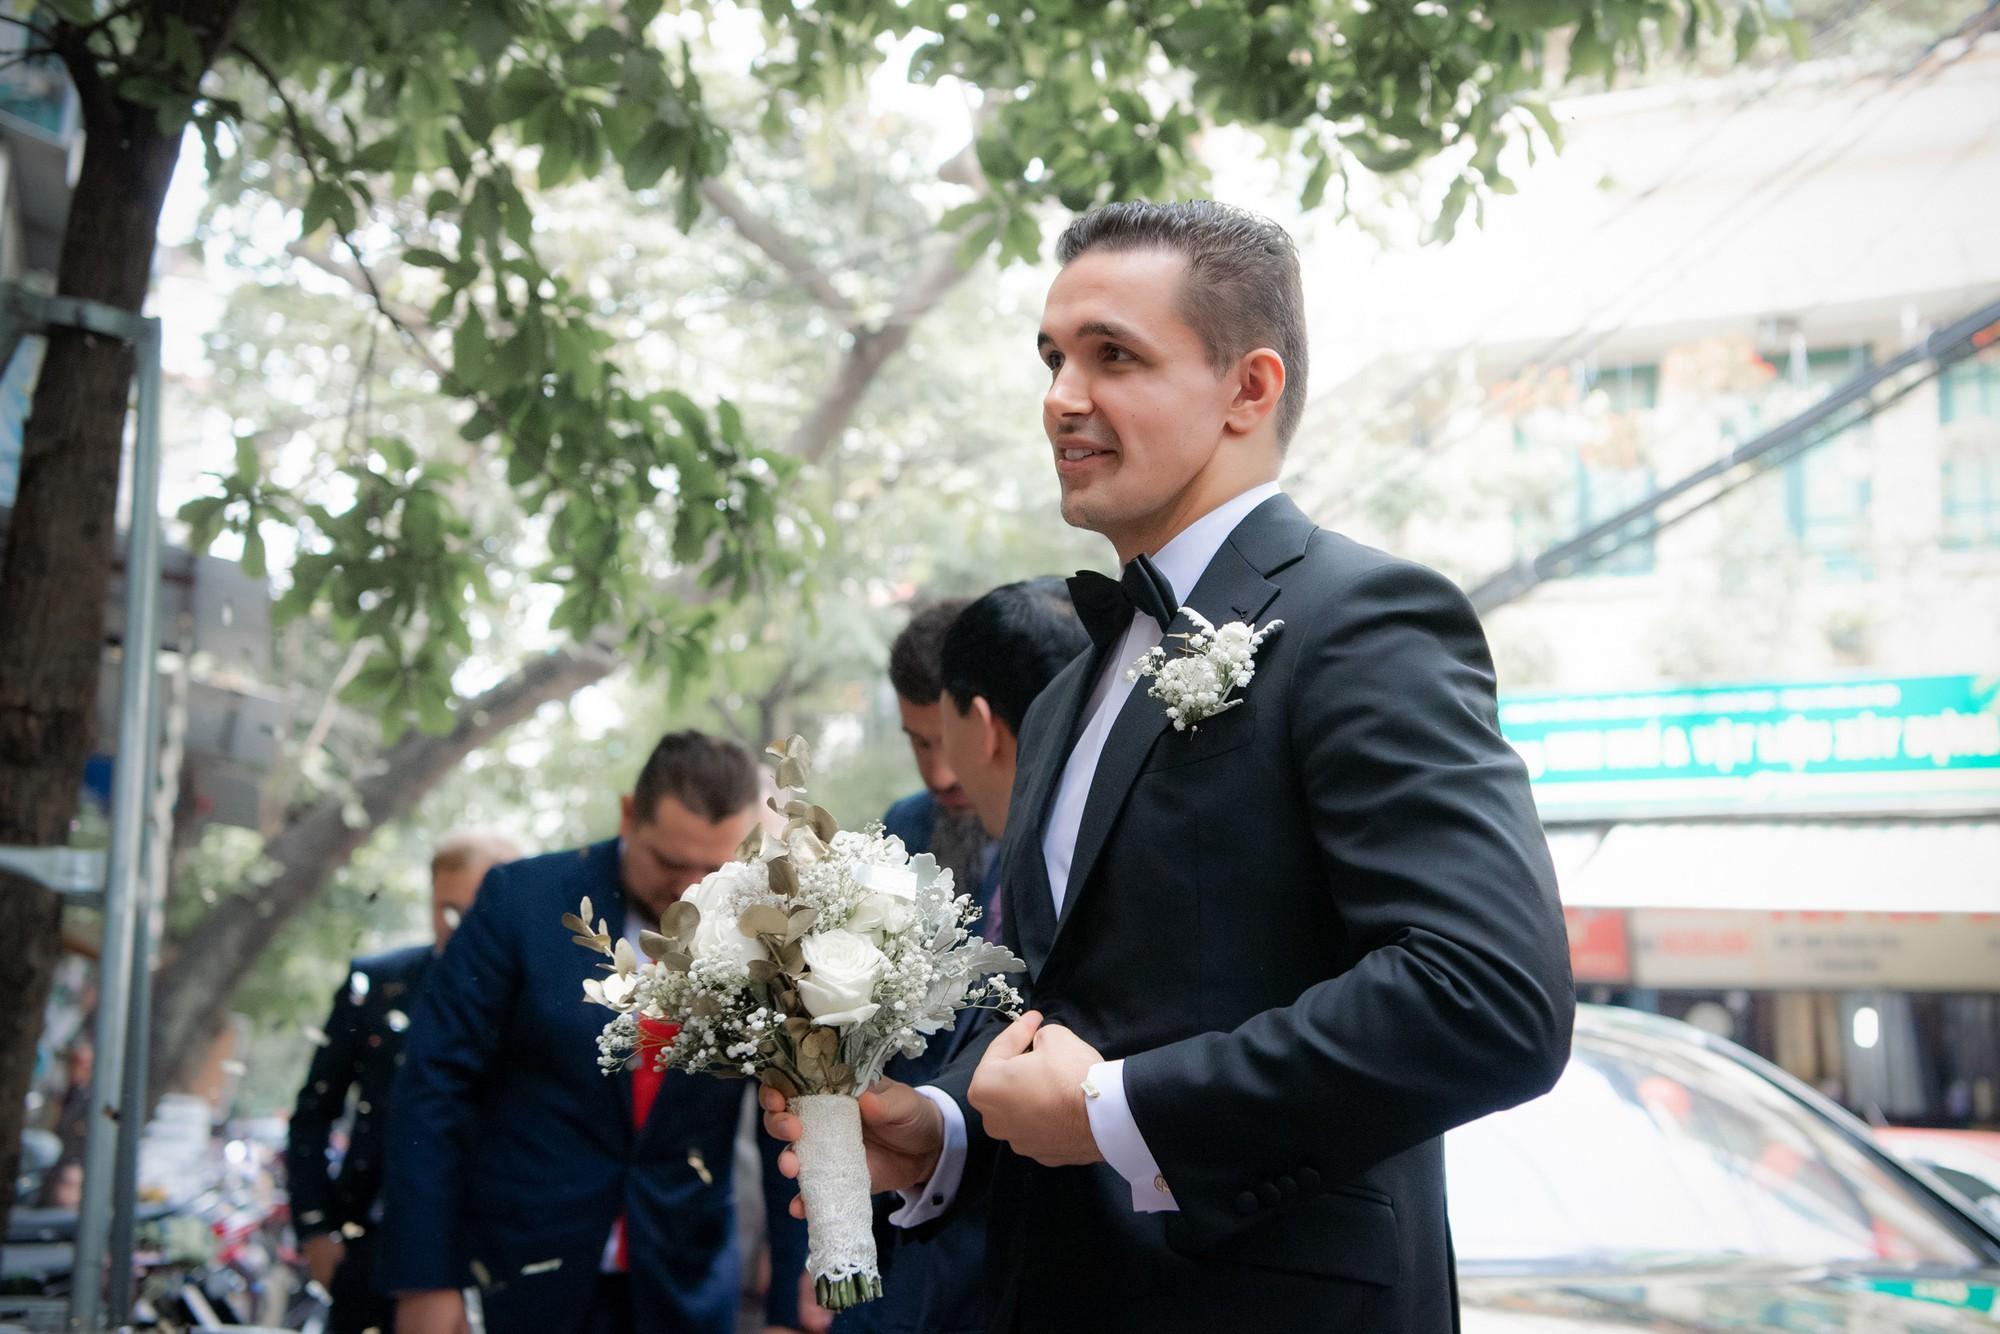 Toàn cảnh lễ đón dâu tại nhà phố cổ của siêu mẫu Phương Mai: Chú rể xuất hiện cùng đoàn xe sang, cô dâu òa khóc ôm chặt mẹ ruột-3